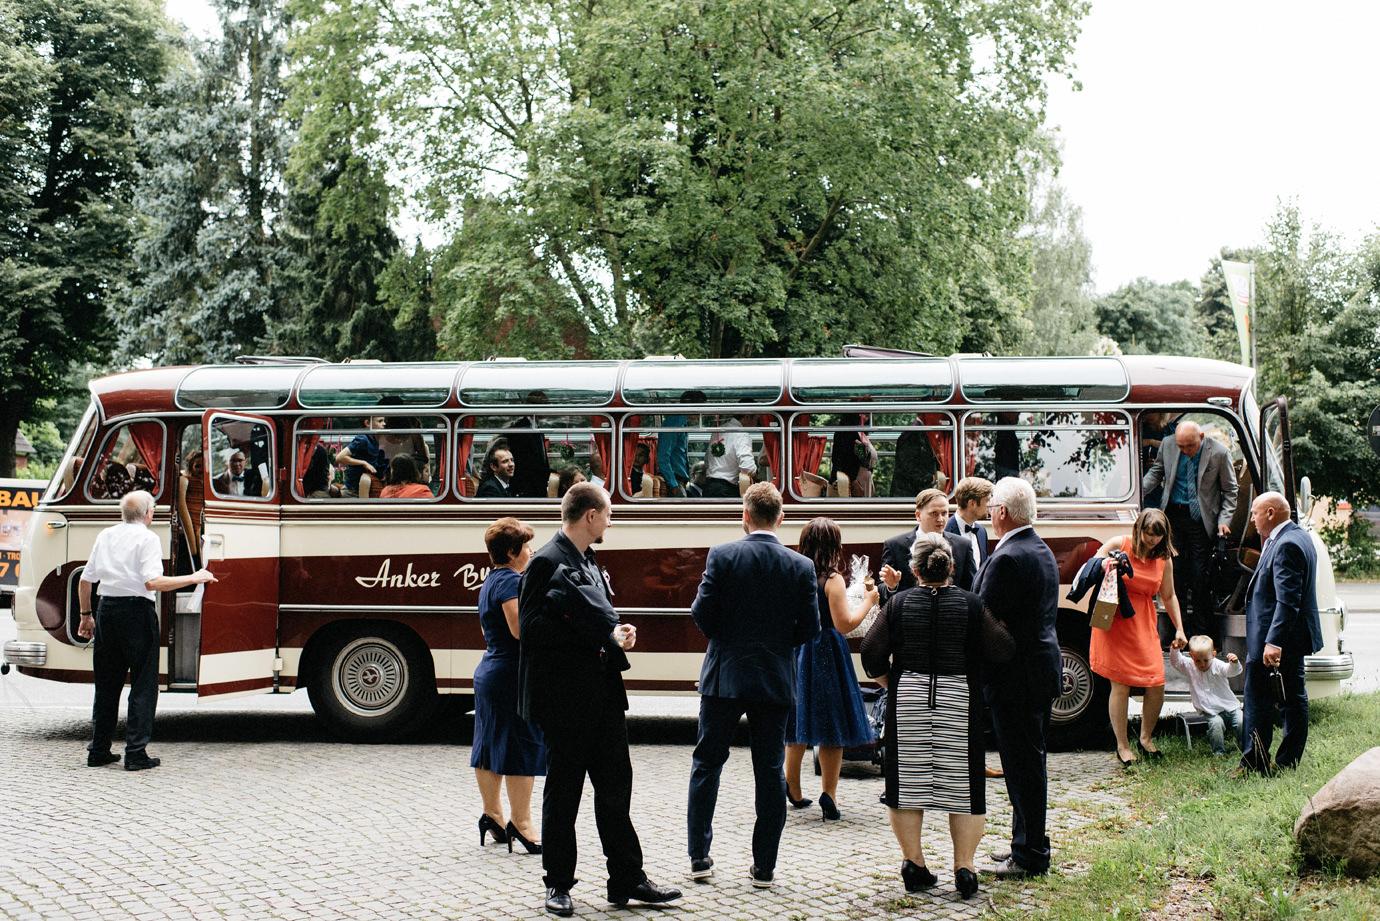 hochzeit bus hamburg